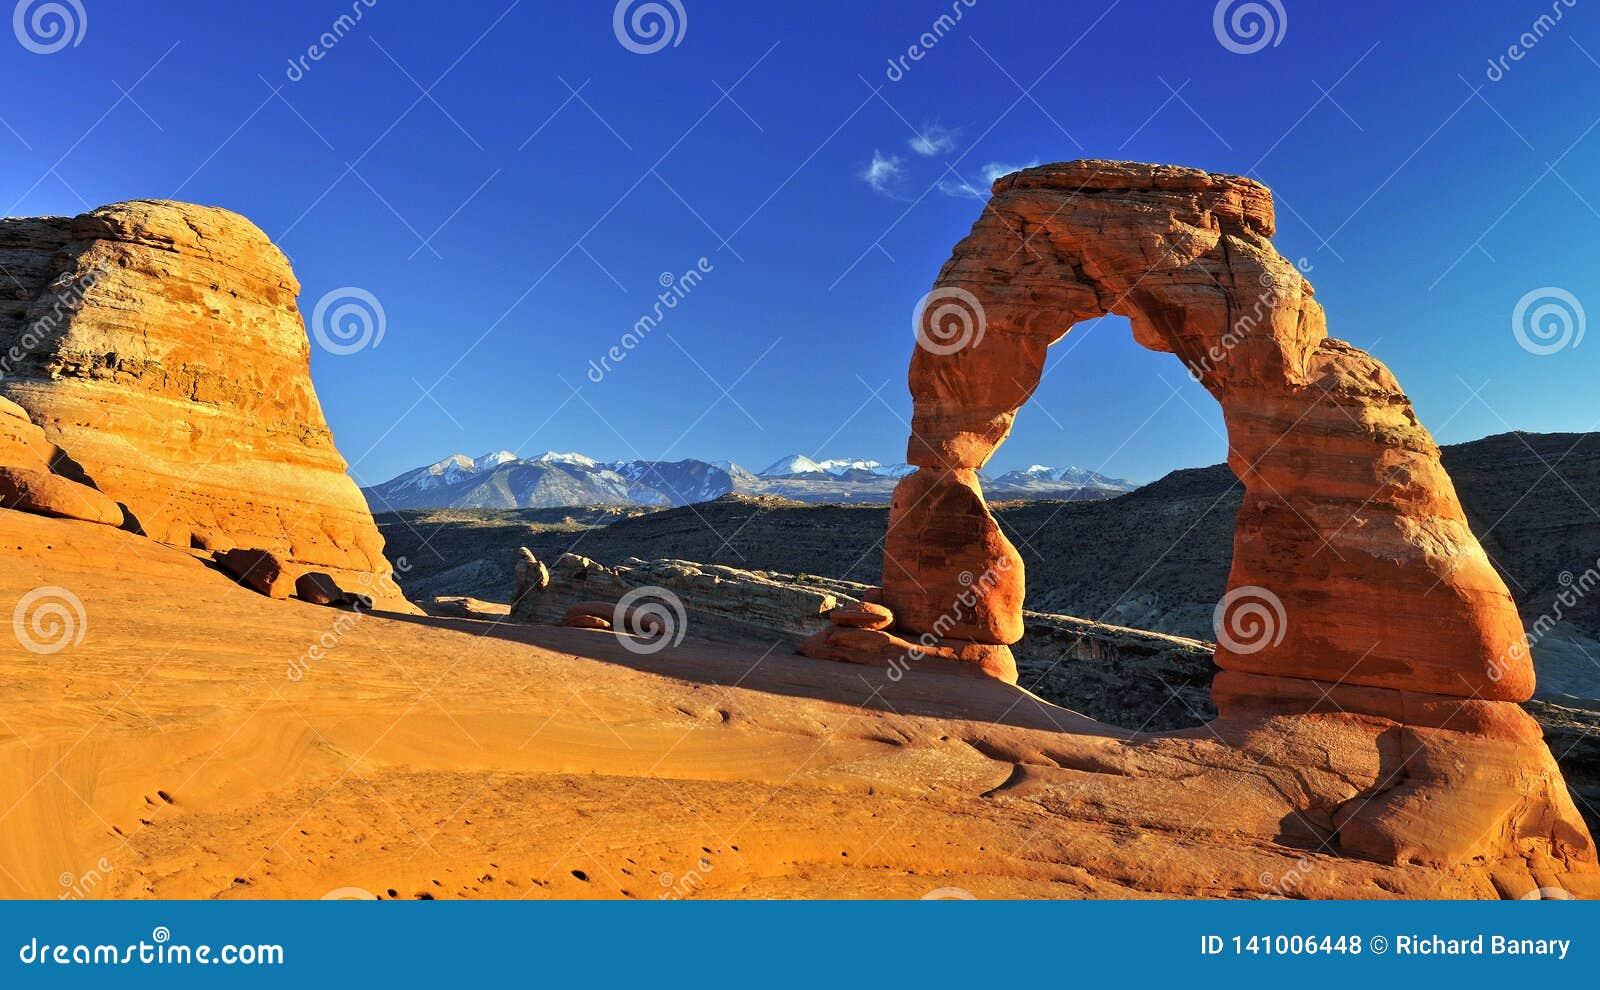 El otoño en el arco delicado, arquea el parque nacional, Utah, los E.E.U.U.